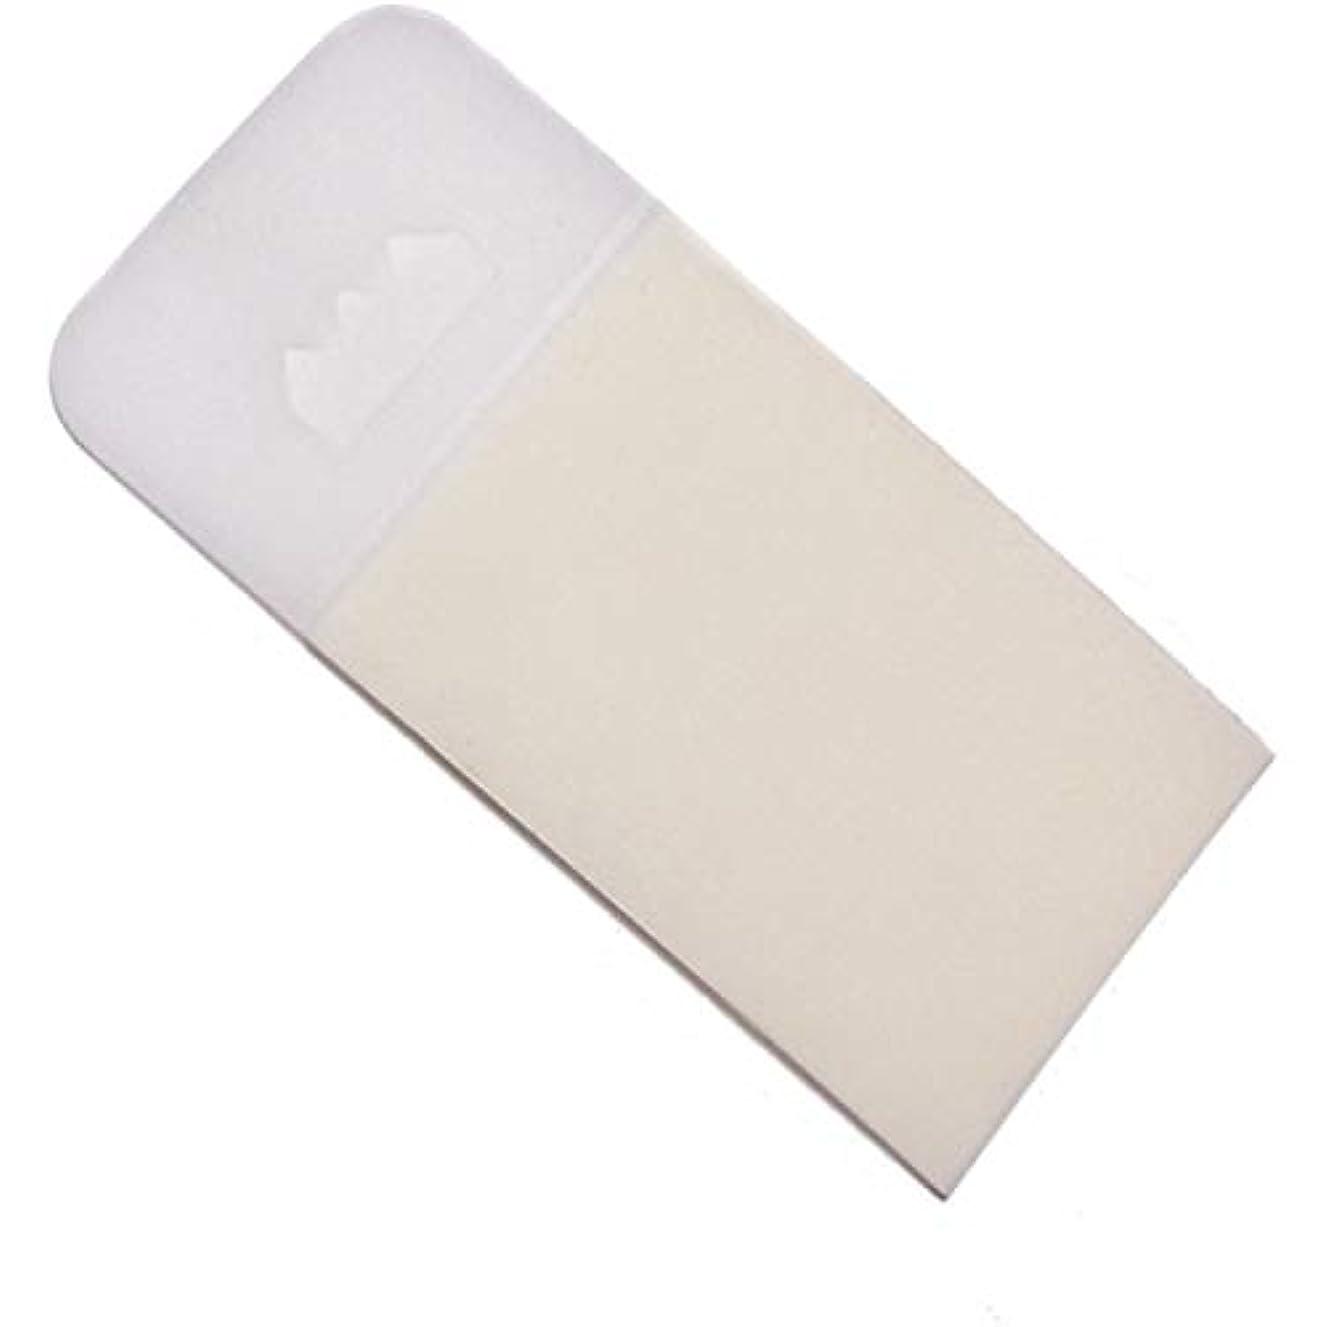 Hard-to-Find Fastener 014973171766 Pressure Sensitive Hanger, 1-7/16 x 2-7/8, Piece-5